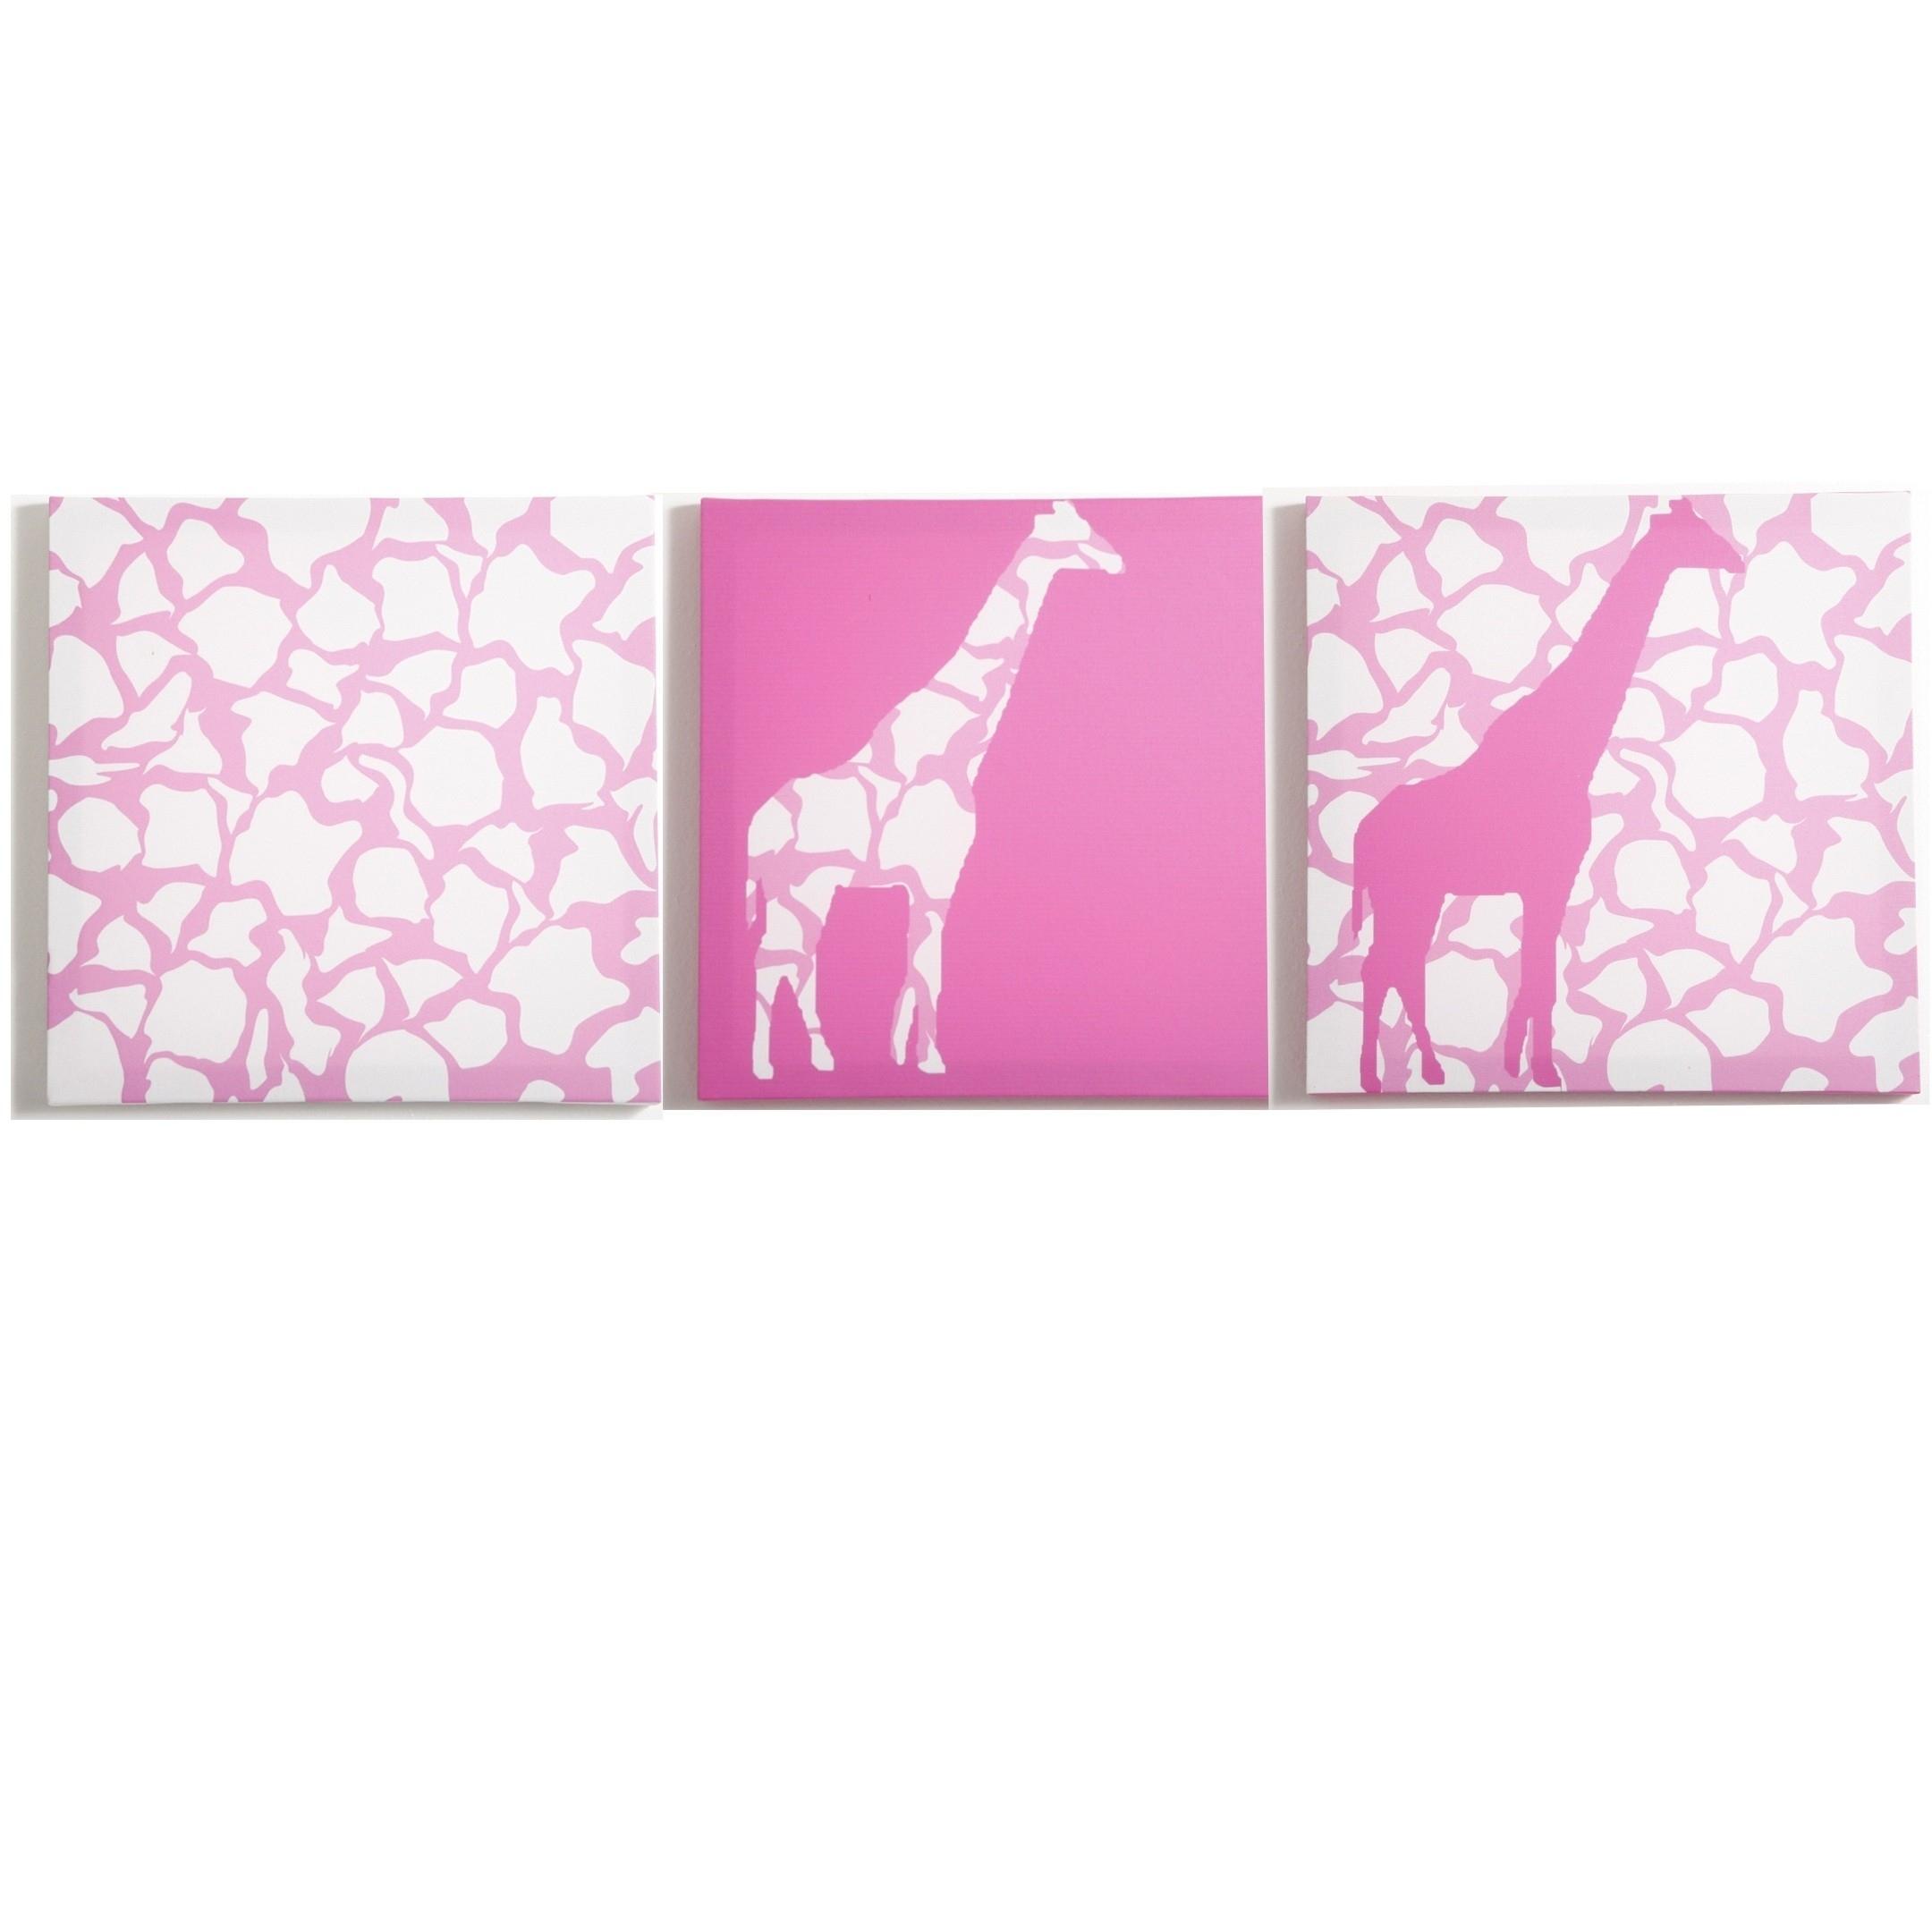 Modern Littles – Rose Giraffe – Canvas Wall Art – 3 Pc. Set With Regard To Most Popular Giraffe Canvas Wall Art (Gallery 6 of 15)